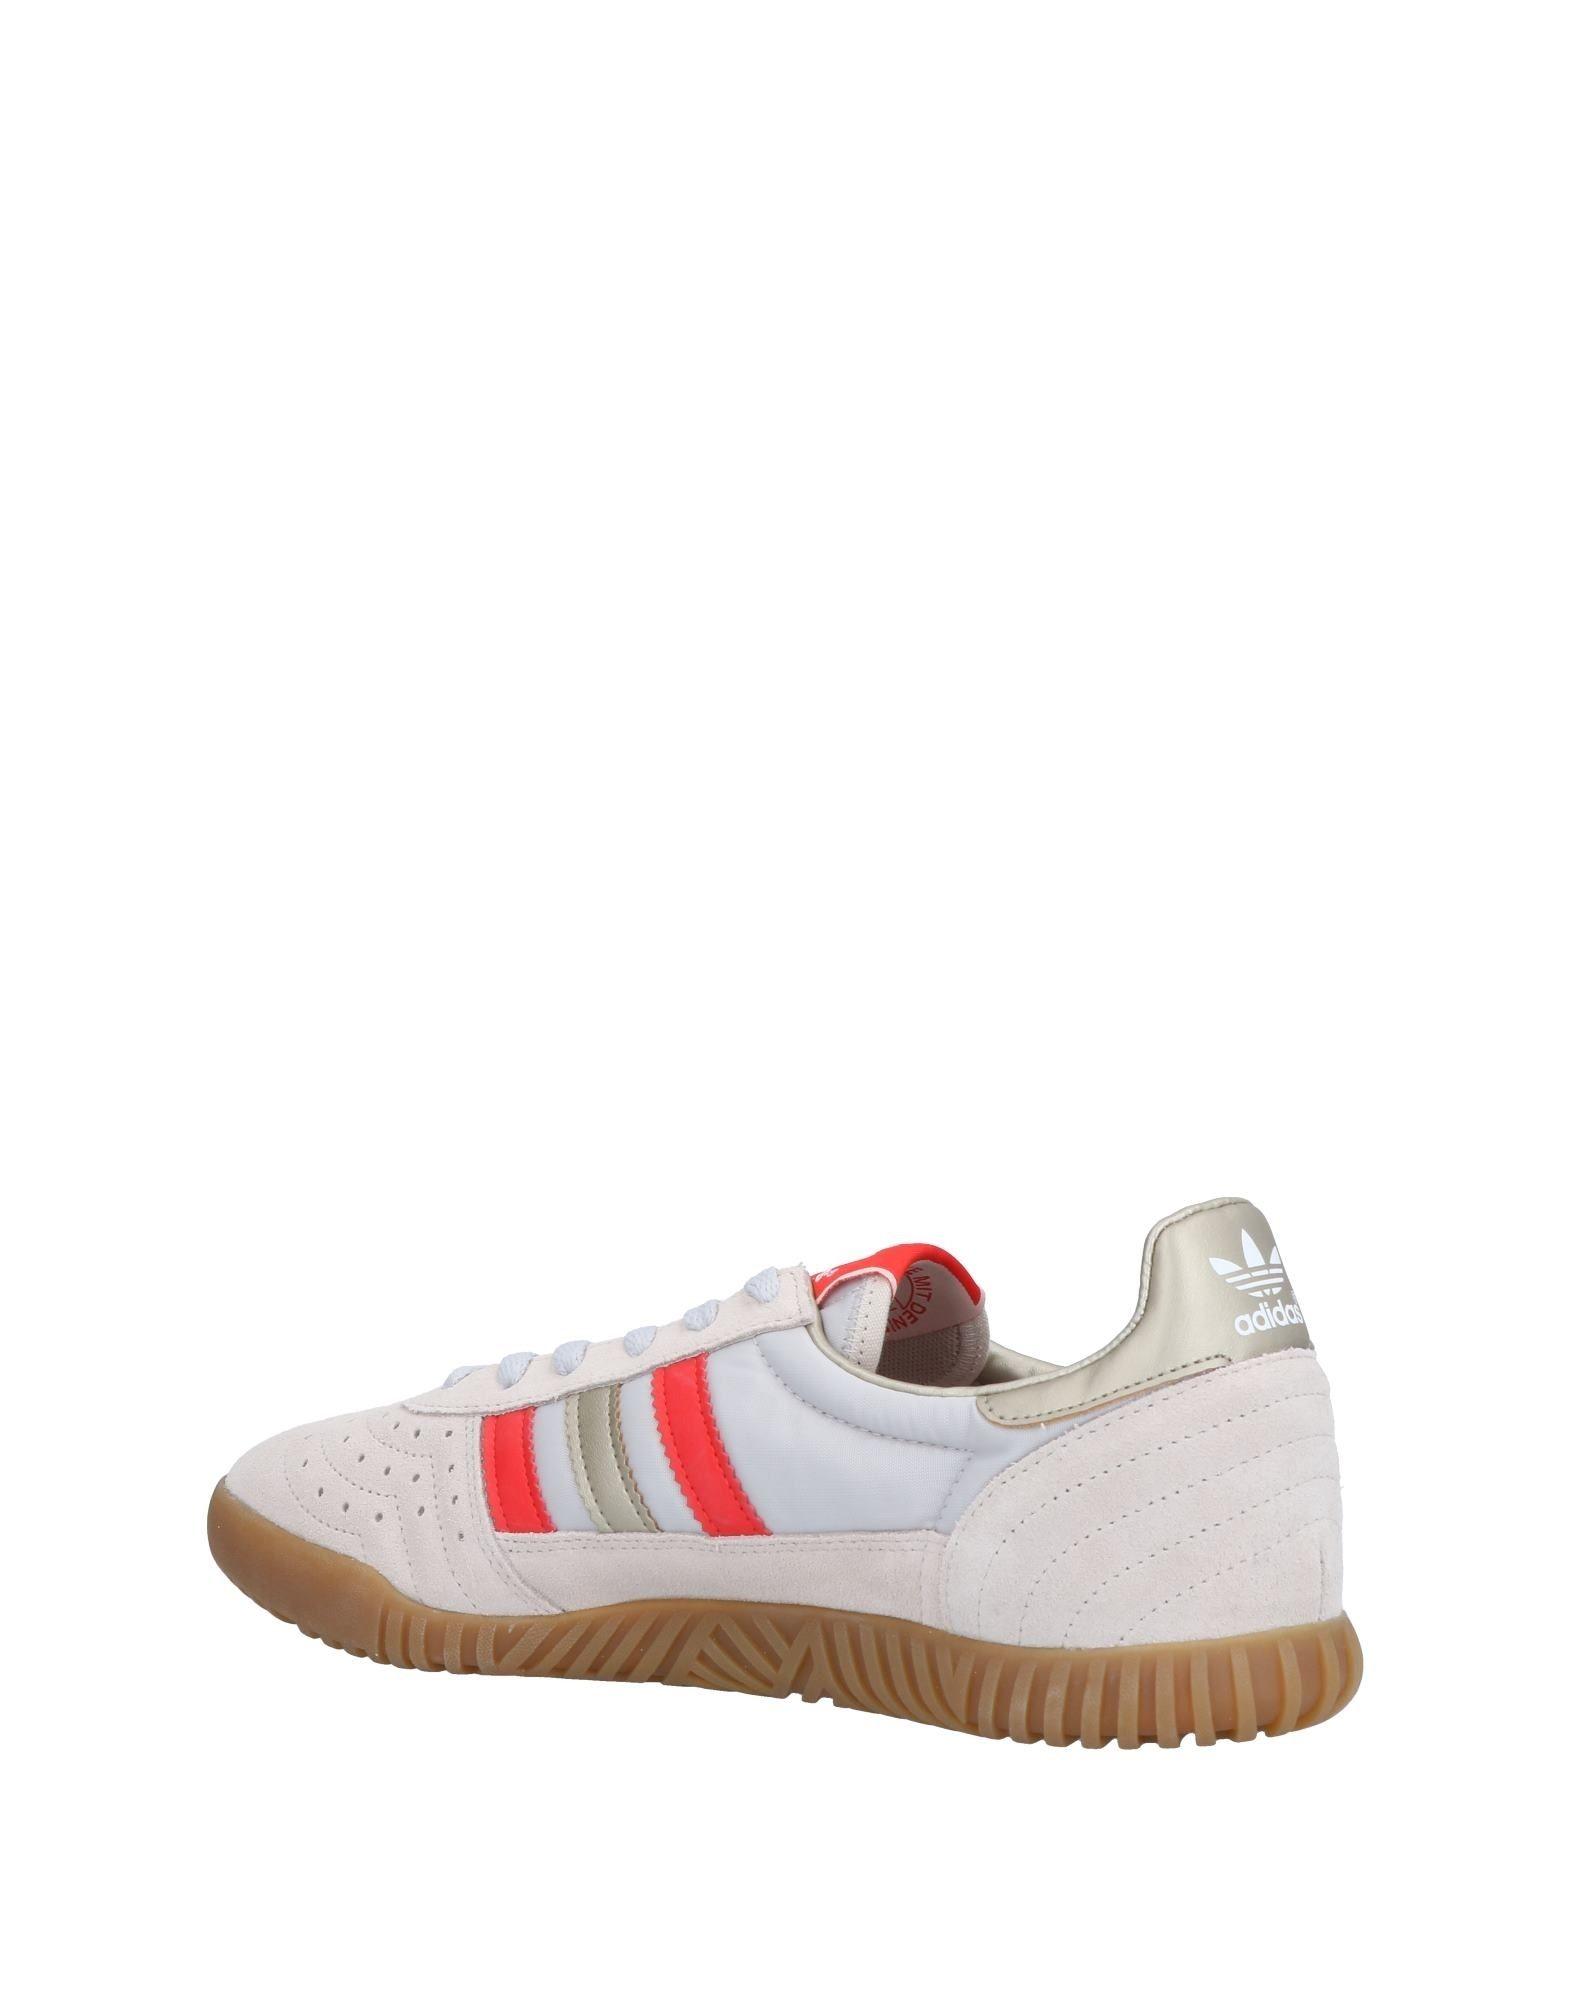 Rabatt Sneakers echte Schuhe Adidas Originals Sneakers Rabatt Herren  11493639JX 8ae572